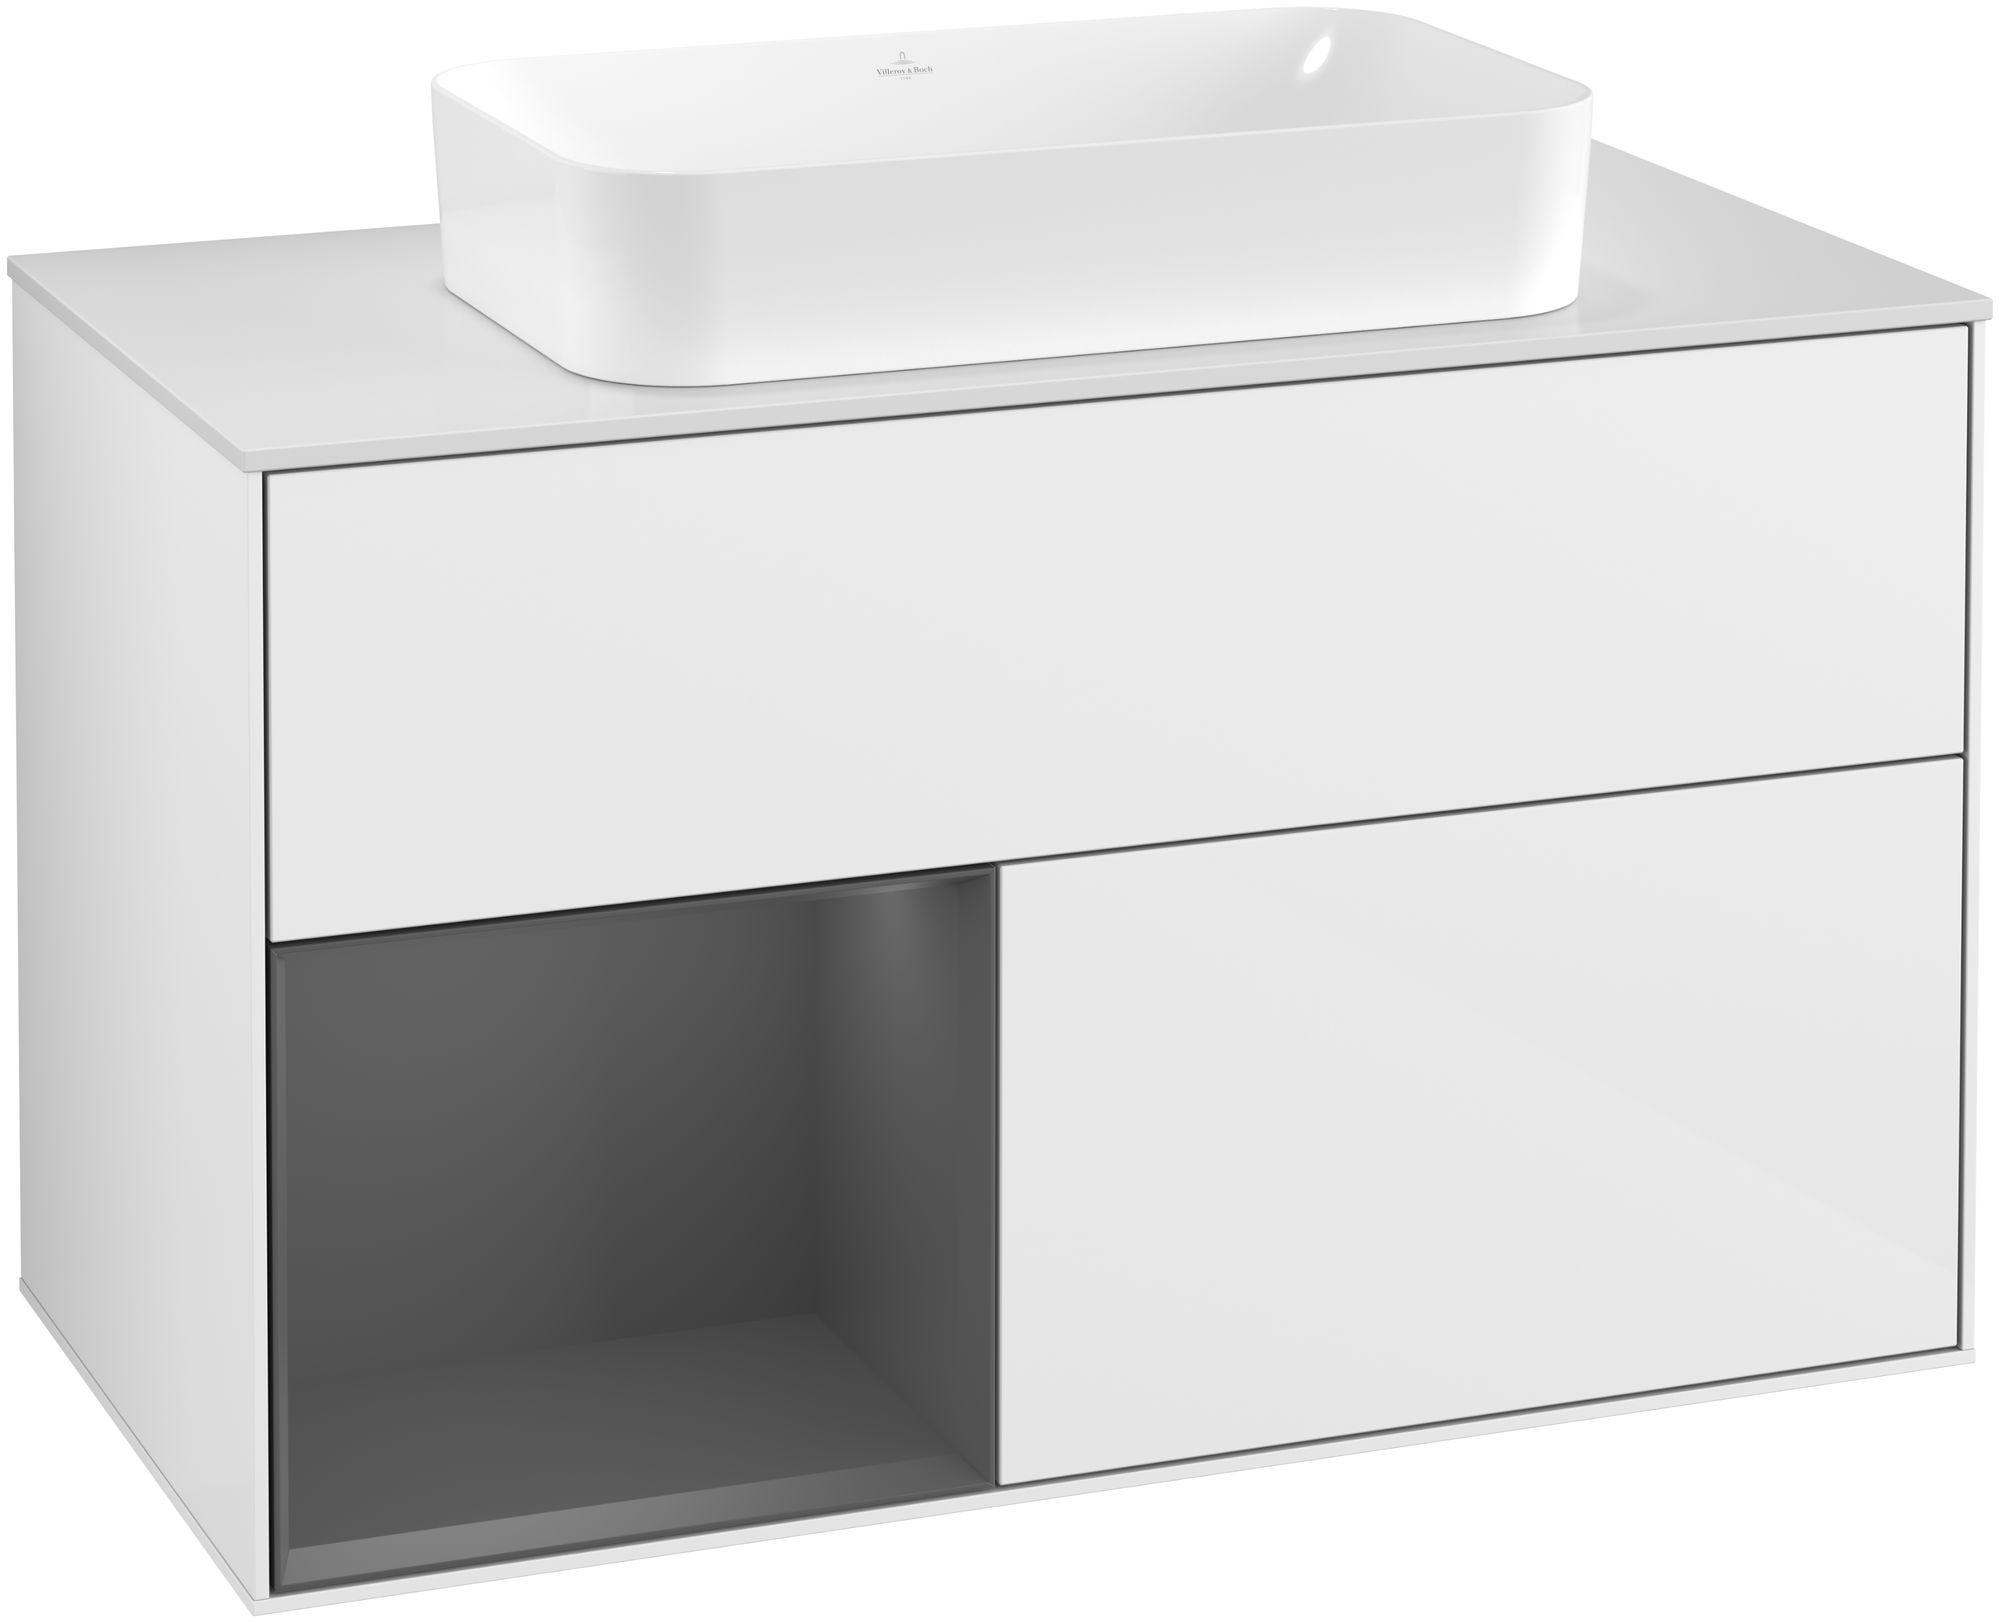 Villeroy & Boch Finion G24 Waschtischunterschrank mit Regalelement 2 Auszüge für WT mittig LED-Beleuchtung B:100xH:60,3xT:50,1cm Front, Korpus: Glossy White Lack, Regal: Anthracite Matt, Glasplatte: White Matt G241GKGF